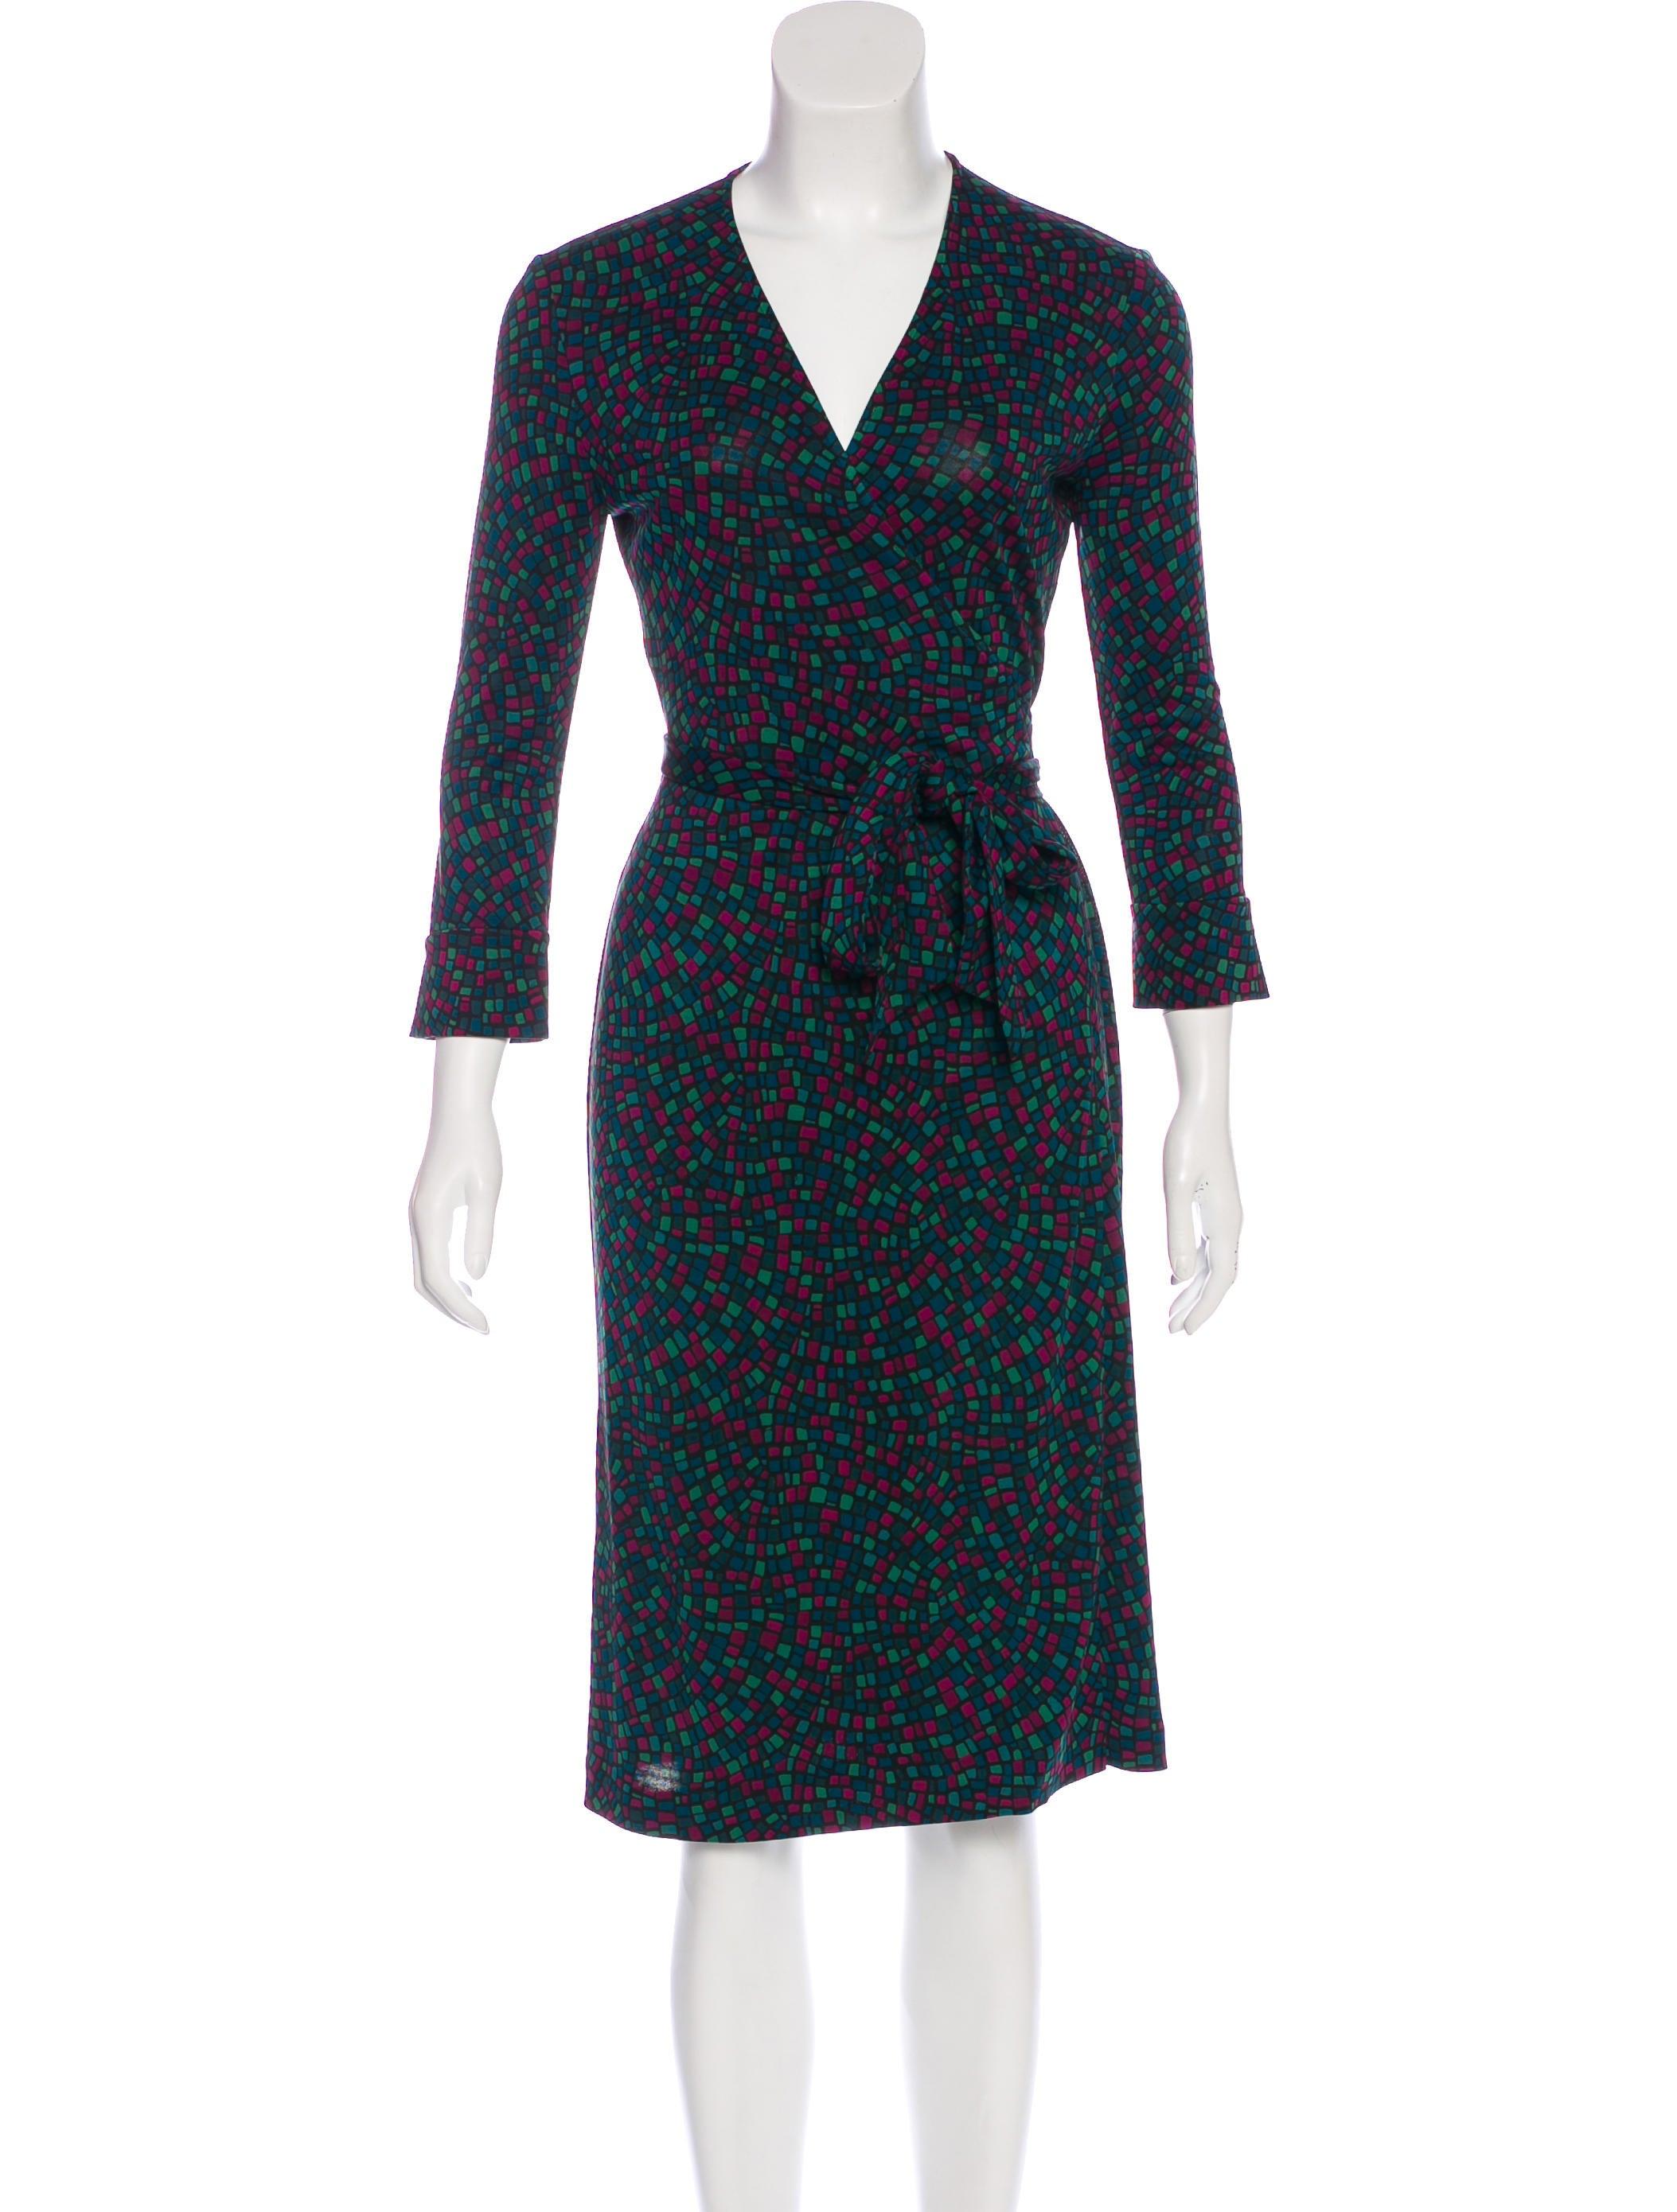 Diane von furstenberg silk jersey wrap dress clothing for Diane von furstenberg clothing